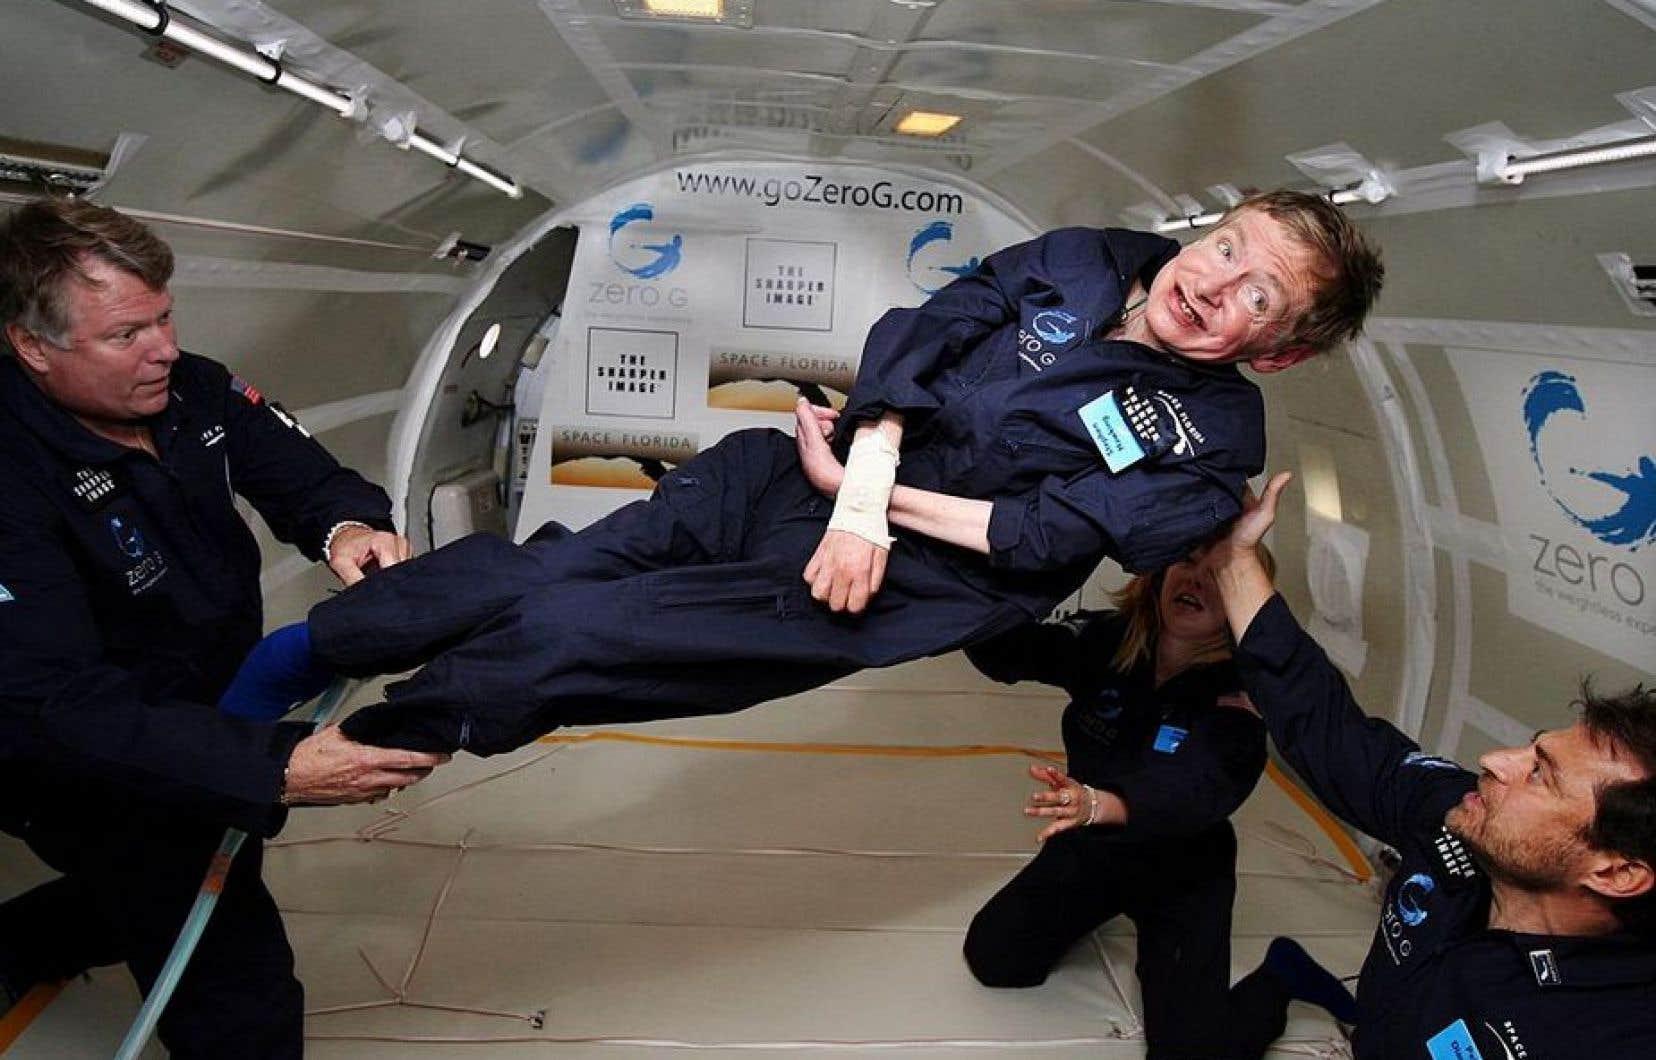 En 2007, Stephen Hawking s'est envoyé en l'air lors d'un vol parabolique sans gravité.